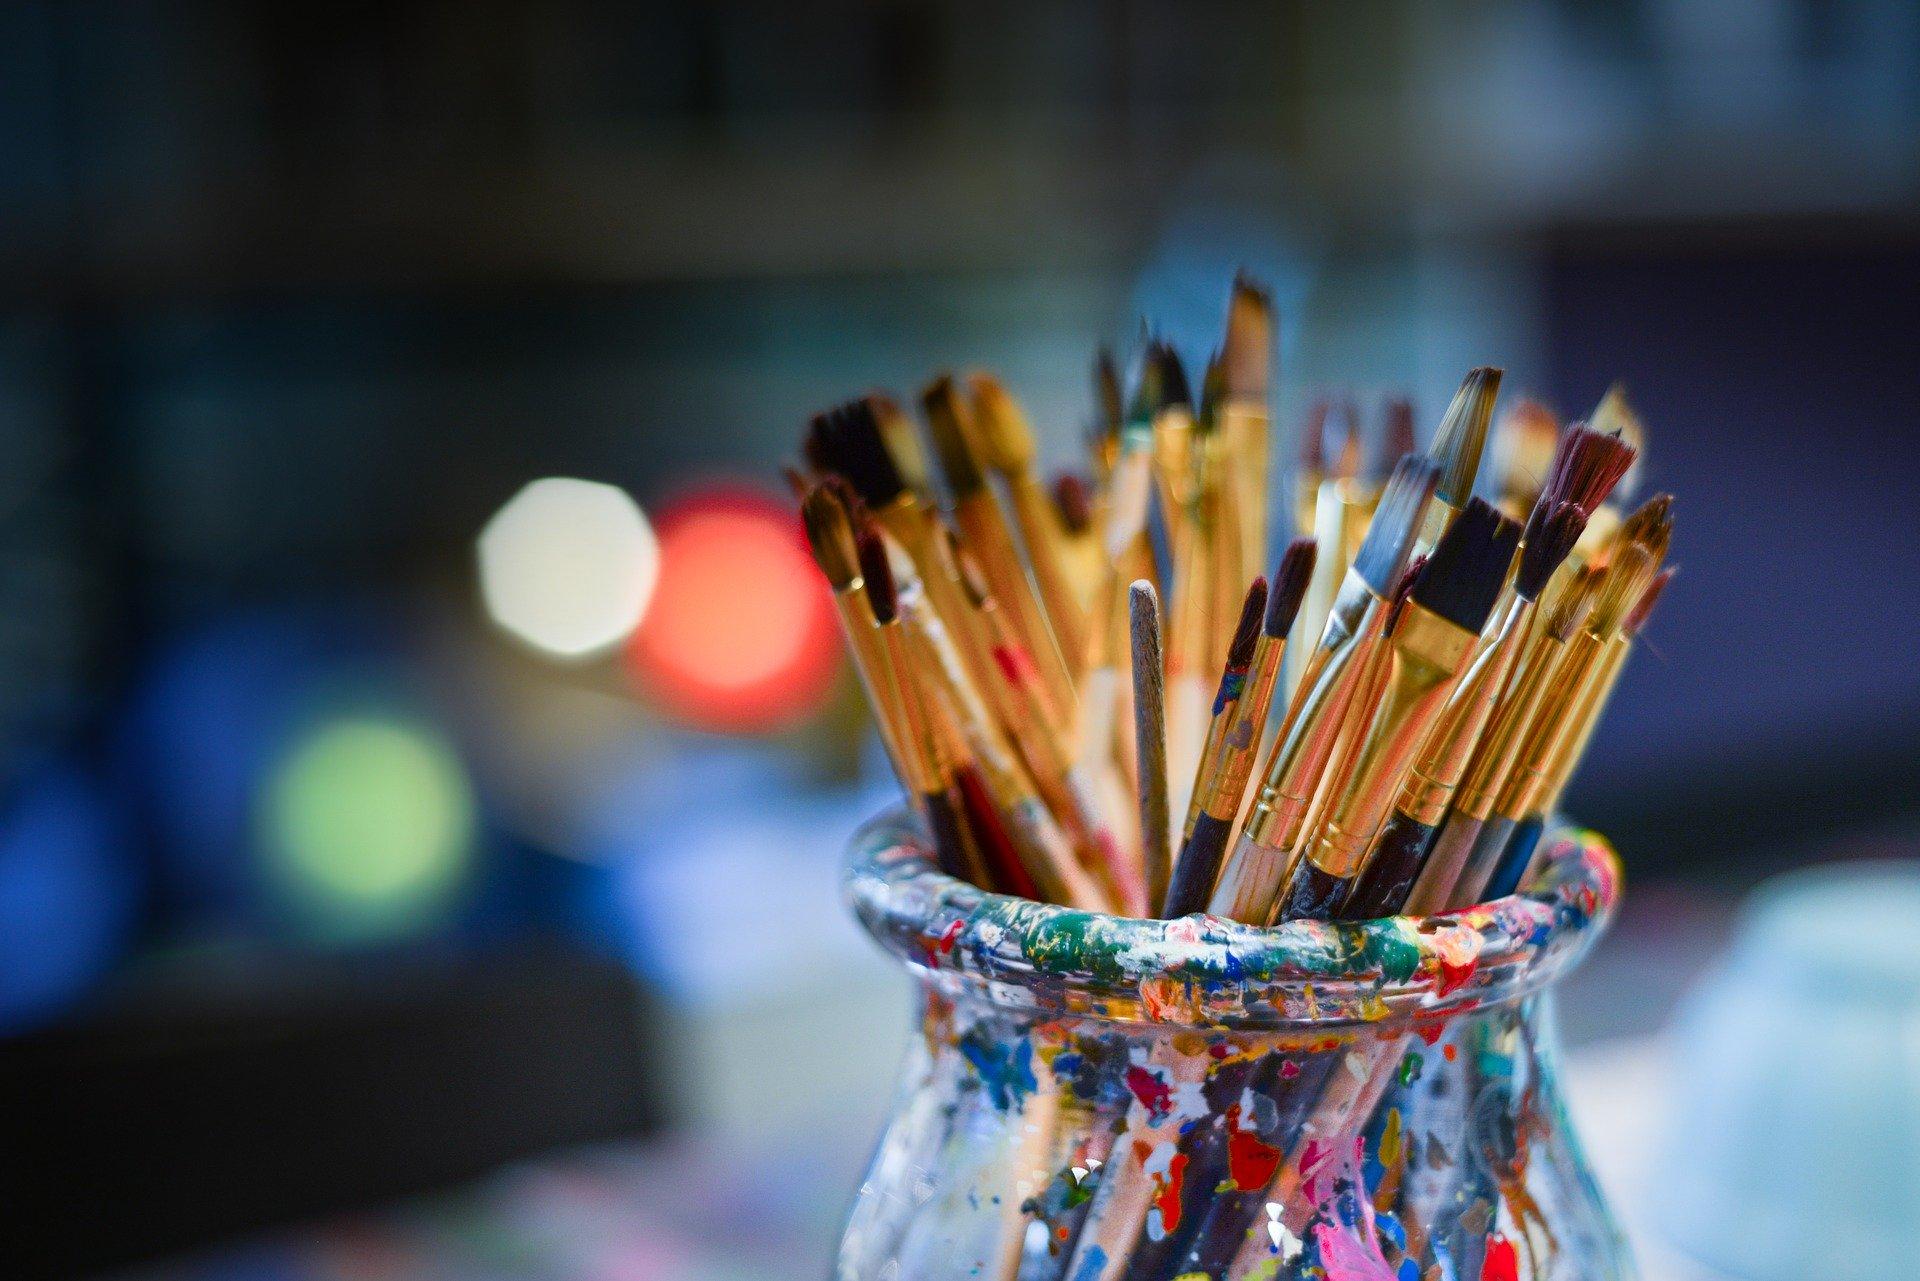 brushes-3129361_1920-12